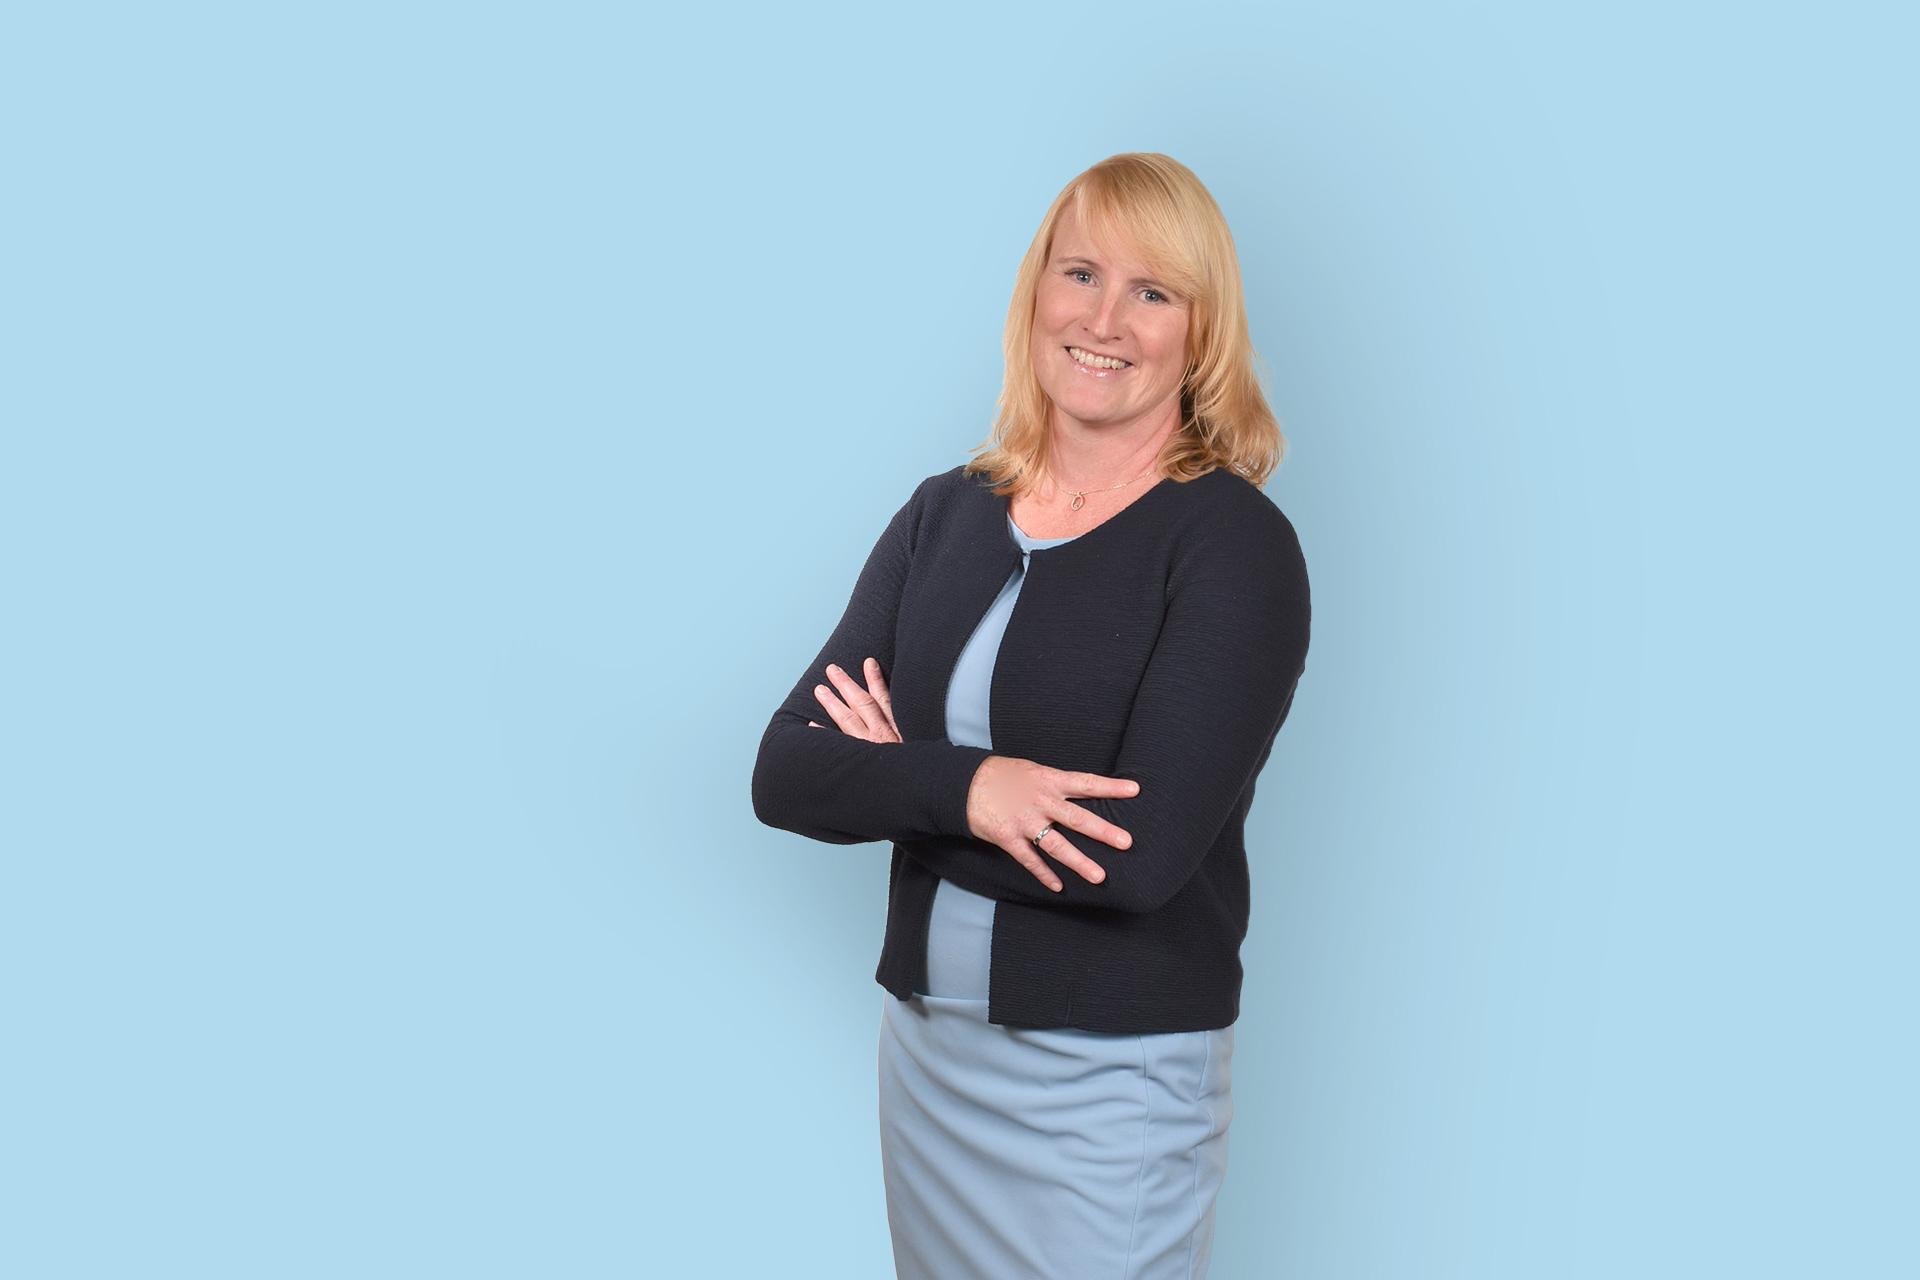 BSI startet mit Nicole Becker Innovationsoffensive im DACH-Markt_cmm360